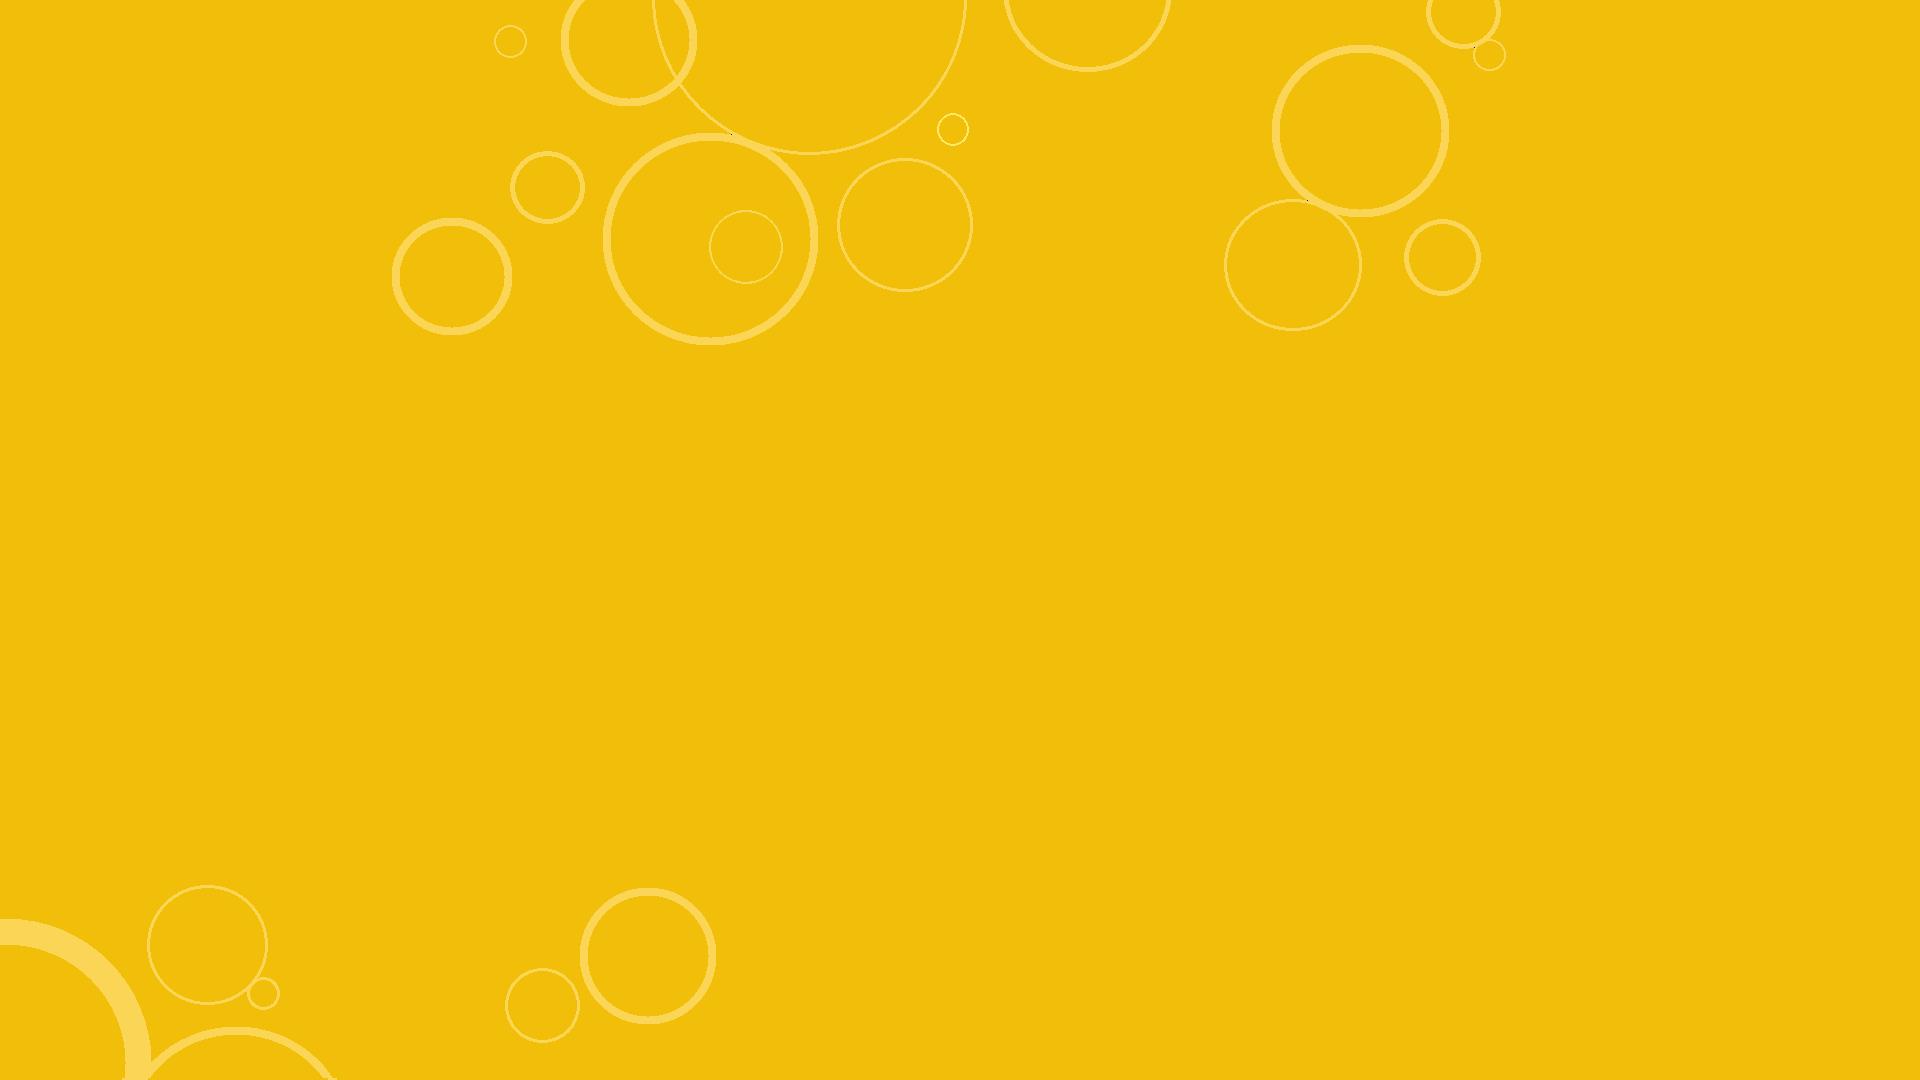 صورة خلفية صفراء , اجمل الصور و الخلفيات باللون الاصفر